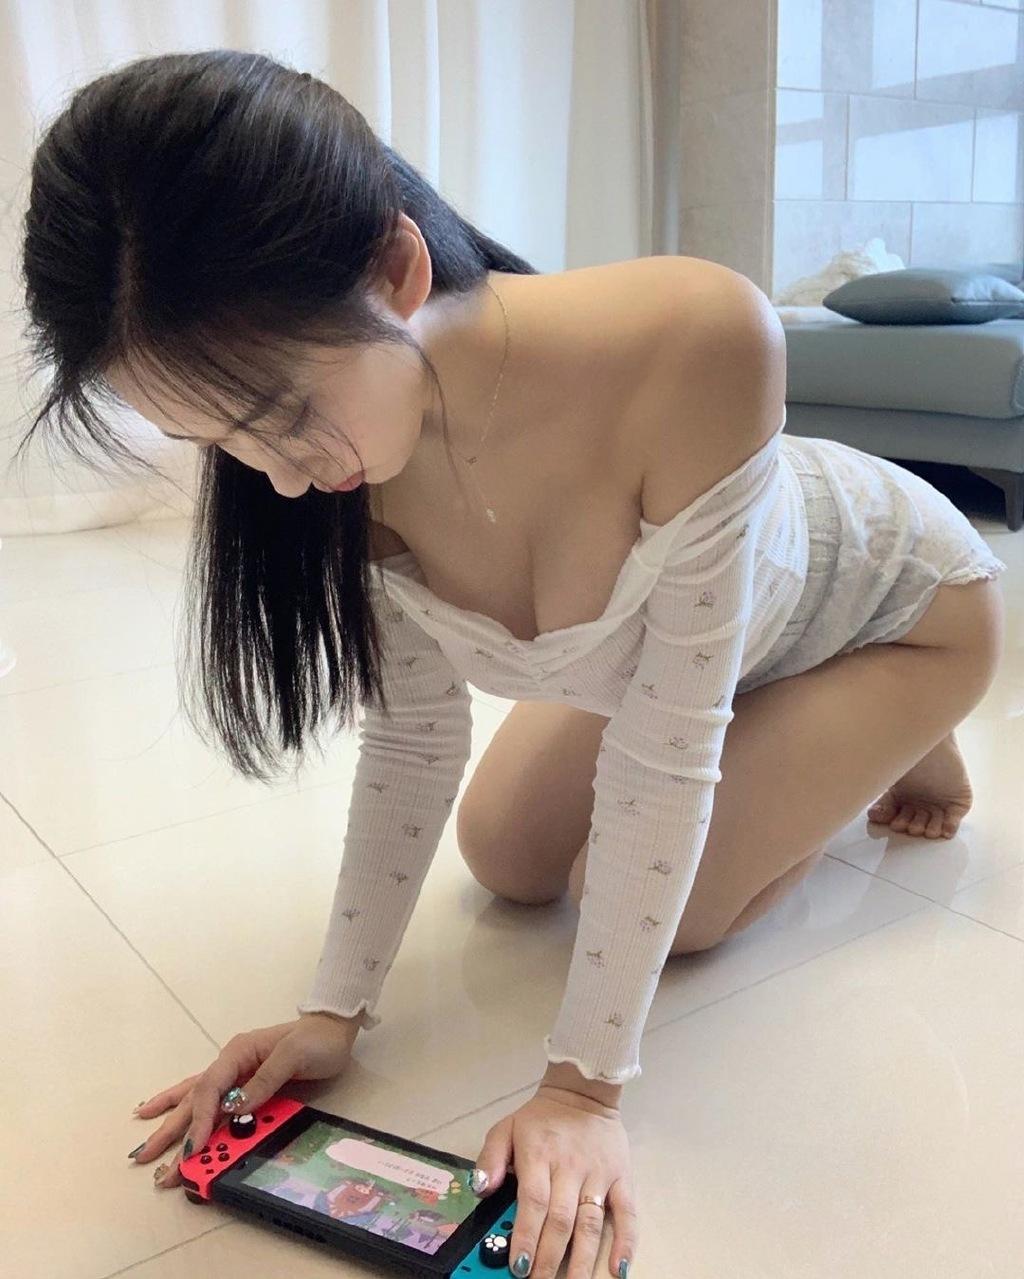 家里有一个爱玩游戏的女友什么体验?插图3